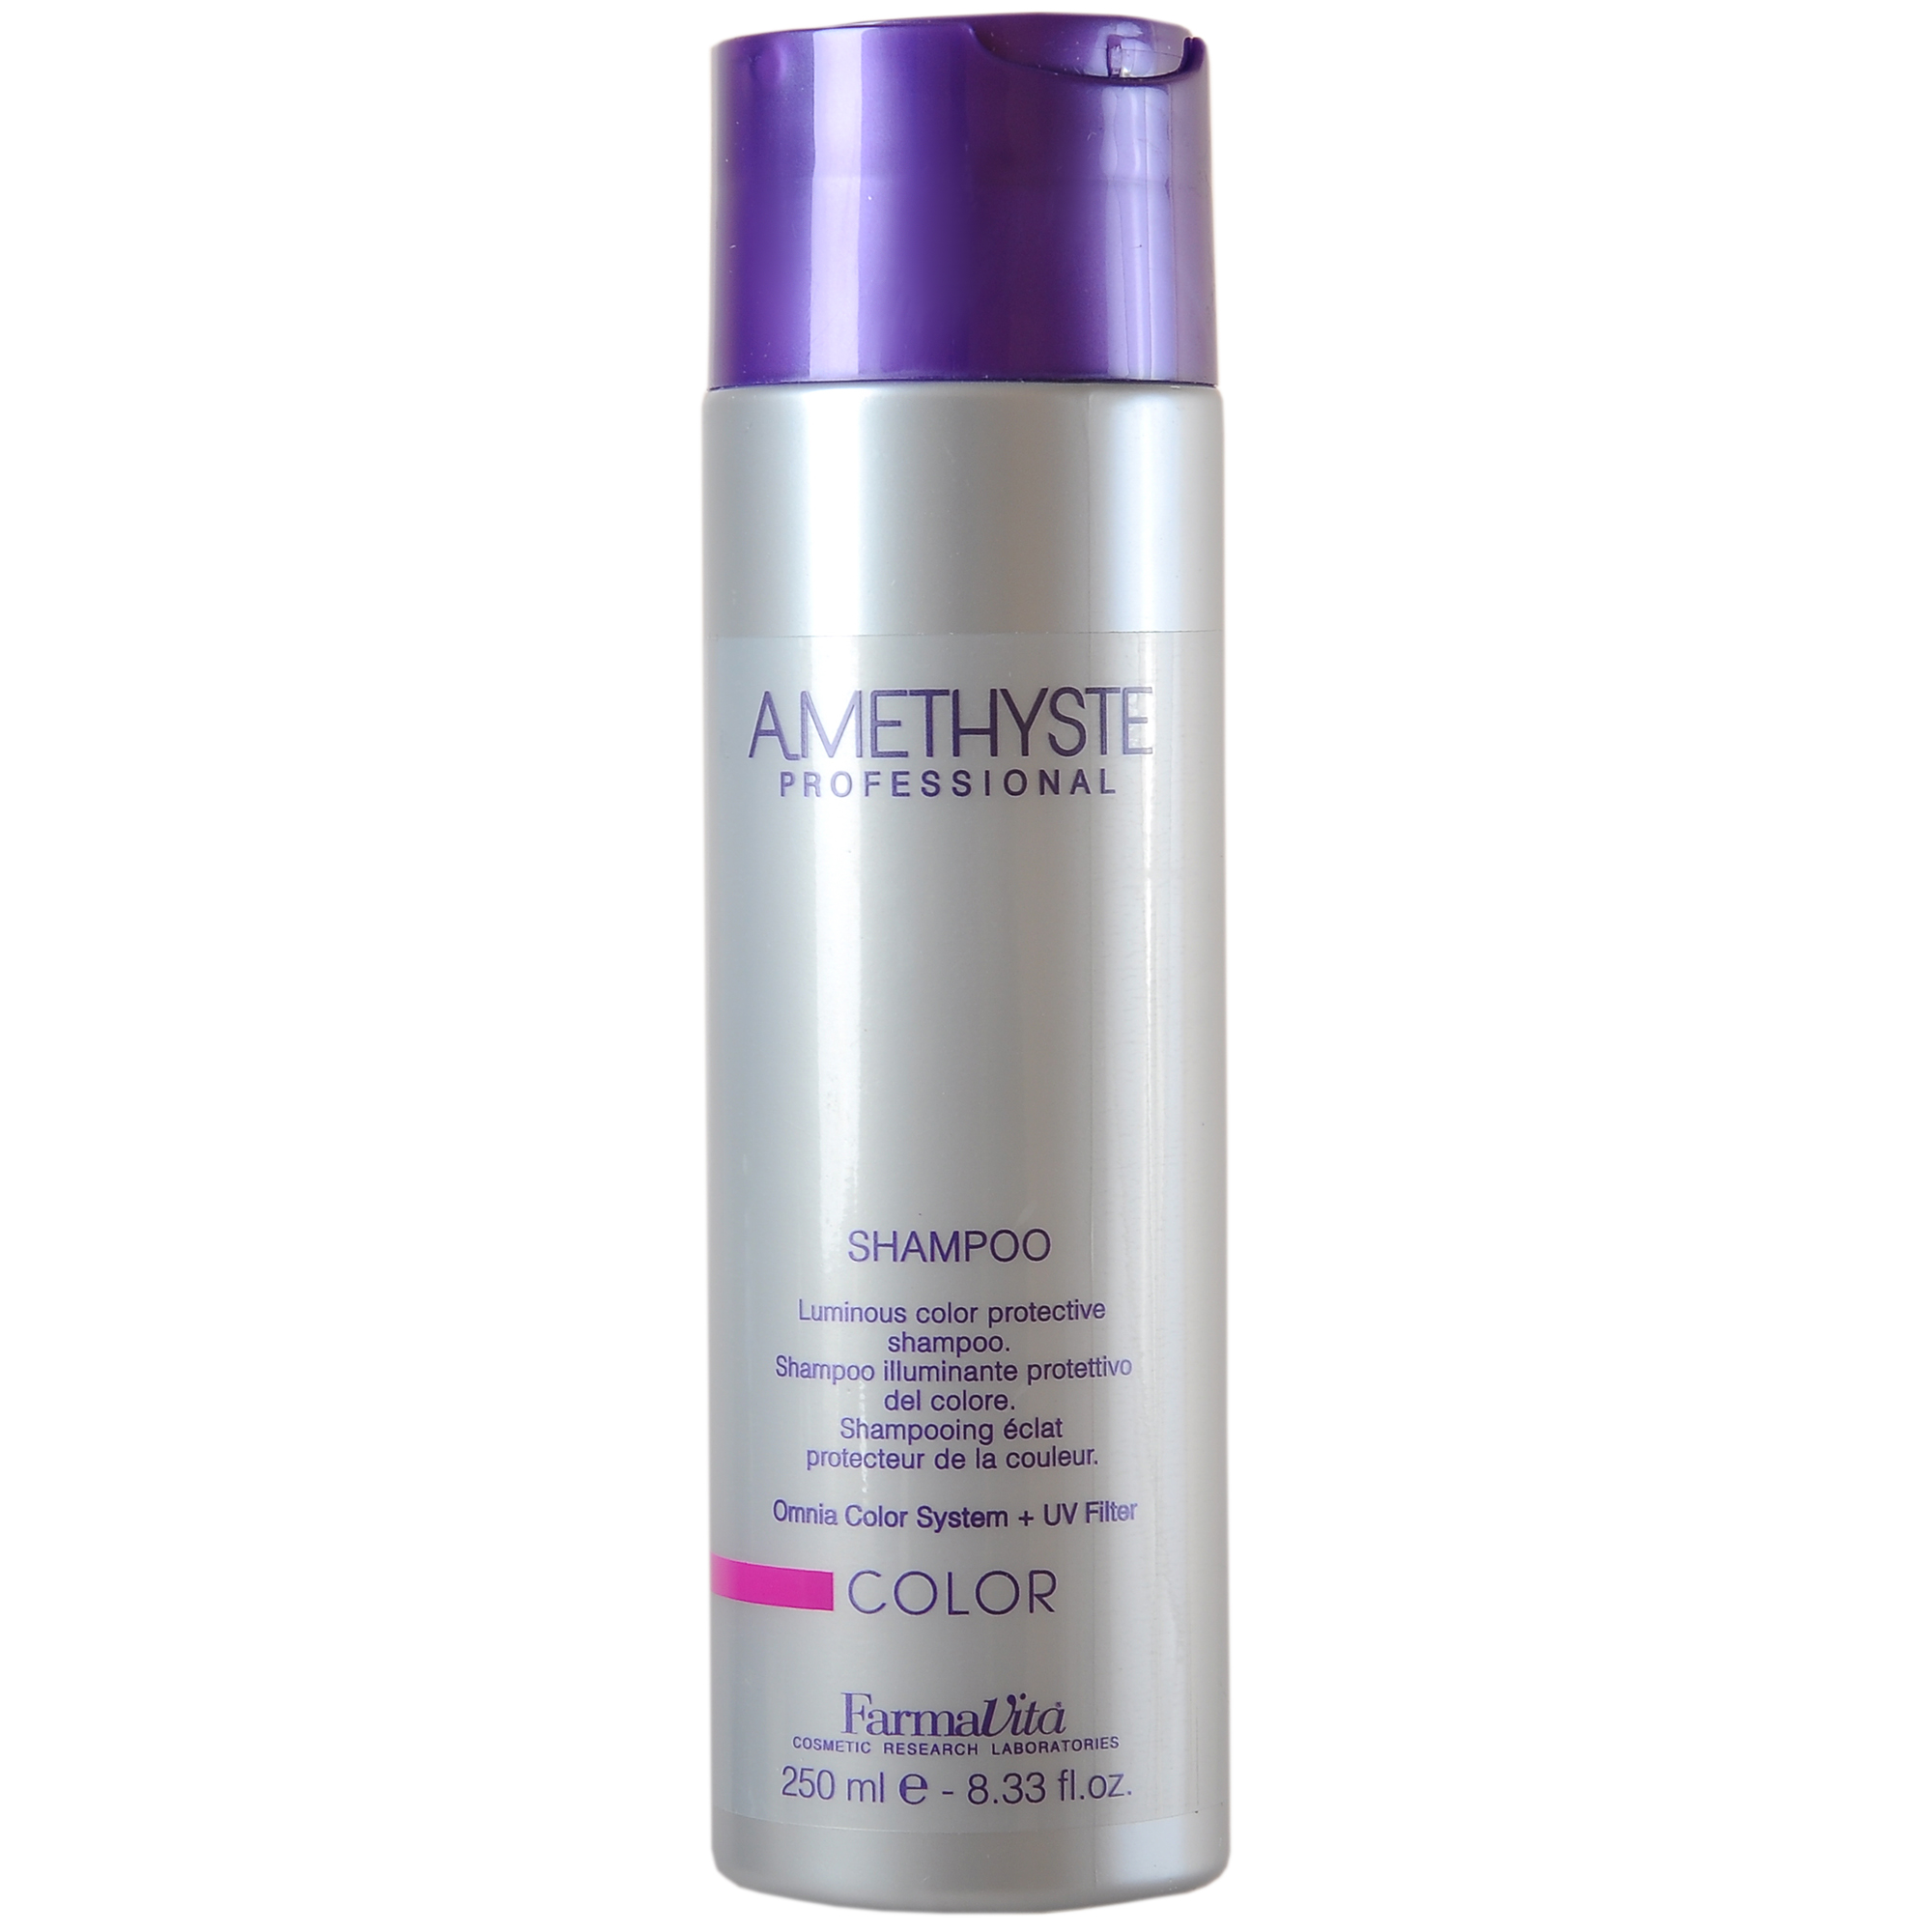 FARMAVITA Шампунь для окрашенных волос Amethyste color shampoo / AMETHYSTE PROFESSIONAL 250 млШампуни<br>Применение шампуня Amethyste Color увеличивает время сохранения цвета после окрашивания. Инновационная система Omnia Color заметно уменьшает вымывание косметического цвета, обеспечивает значительное увеличение прочности и увлажнения волос. Особая формула придает волосам силу и энергию, благодаря присутствию в составе олигоэлементов (кремний, магний, медь, железо, цинк), которые глубоко проникают в волокна волос, способствуя восстановлению поврежденных участков. Волосы становятся блестящими, сильными и здоровыми При использовании шампуня ощущается приятная нотка пудрового запаха, который создает ощущение чистоты и комфорта как во время, так и после использования продукта. Активные ингредиенты: система Omnia Color: Масло из семян пенника лугового - драгоценное масло богато природными антиоксидантами и уникальным составом жирных кислот. Помогает сохранить интенсивность цвета и придает блеск. Исследования показали, что масло проникает в волокна волос, восстанавливая структуру и повышая его прочность. Пантенол - глубоко проникает в структуру и позволяет сбалансировать естественный уровень влаги в волосах. УФ-фильтр - защищает волосы от выгорания на солнце, вымывания красителя и потускнения цвета. Олигоминеральный комплекс - комплекс олигоэлементов (кремний, магний, медь, железо, цинк), которые глубоко проникают в волокна волос и помогают восстановить поврежденные участки. Способ применения: нанести шампунь на увлажненные волосы и кожу головы. Вспенить, распределить аккуратными массажными движениями. Смыть. При необходимости процедуру повторить. После применения шампуня нанести на влажные, подсушенные полотенцем волосы маску Amethyste Color, равномерно распределить по длине. Выдержать несколько минут. Смыть. Приступить к укладке. Для достижения максимального эффекта используйте лосьон Amethyste Color Re-Vital.<br><br>Объем: 250 мл<br>Класс косметики: Косметическая<br>Н